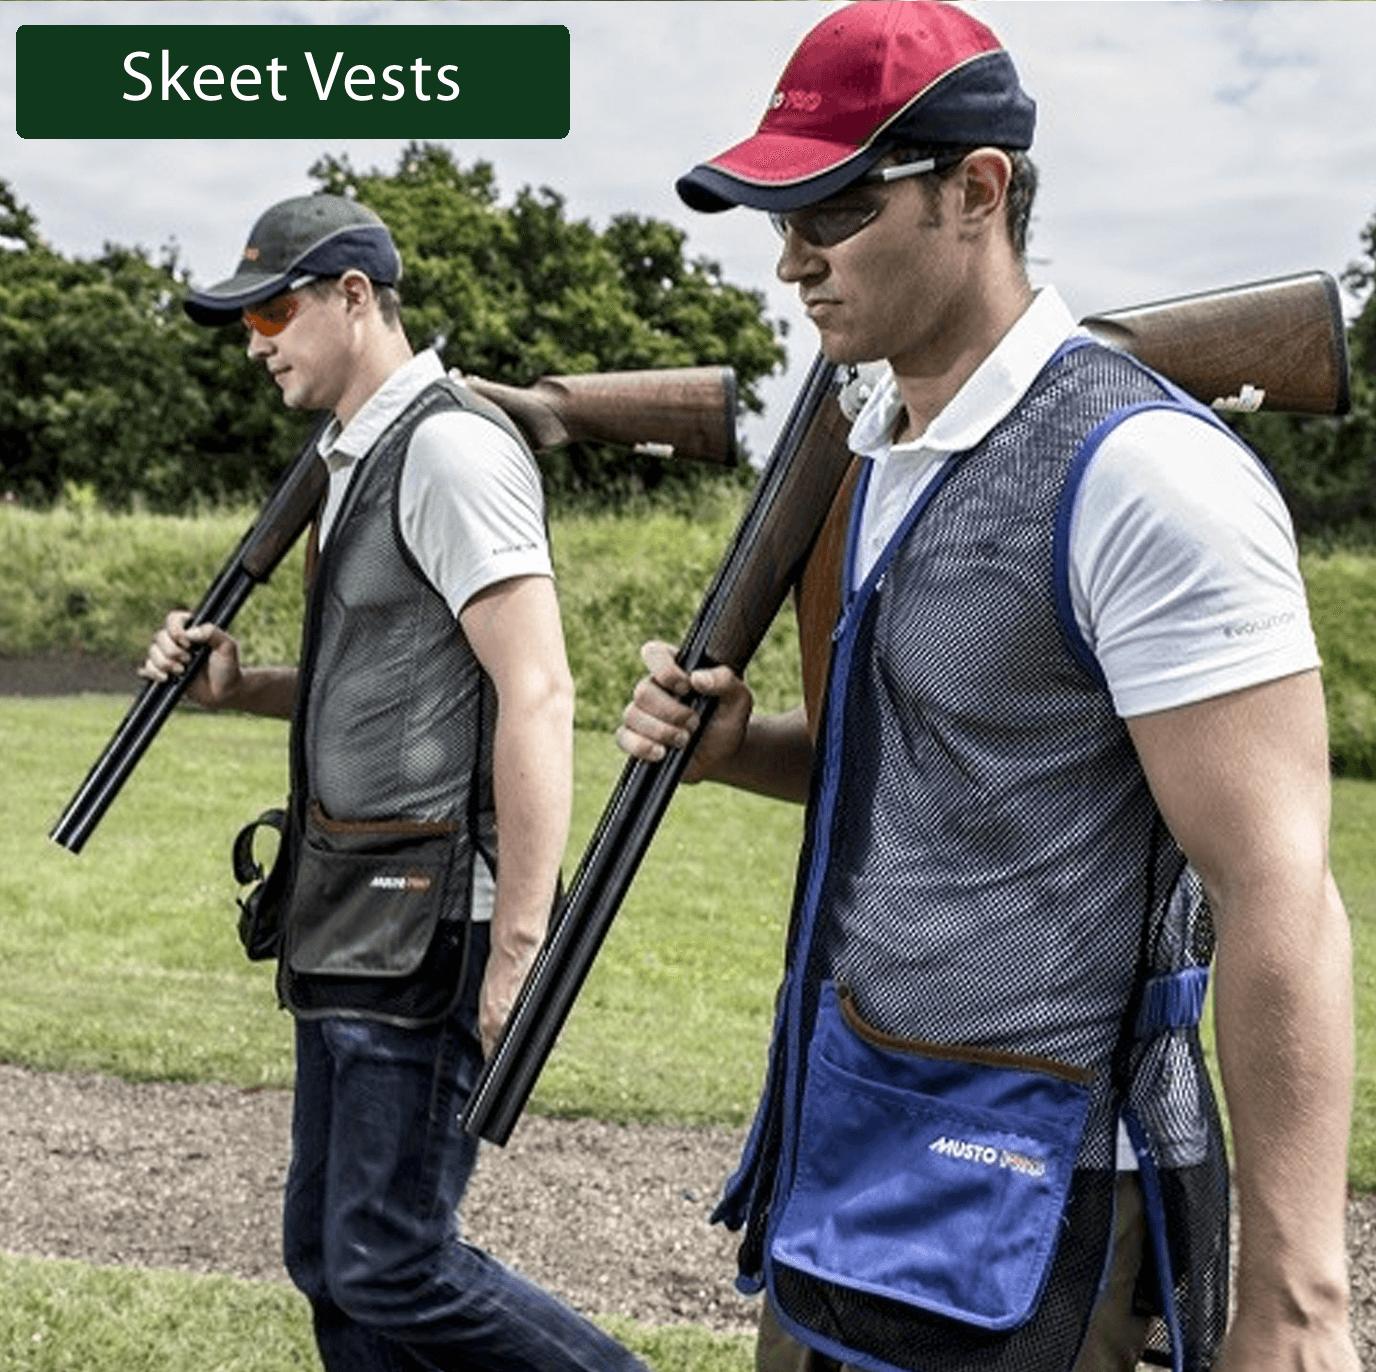 Shooting Skeet Vests